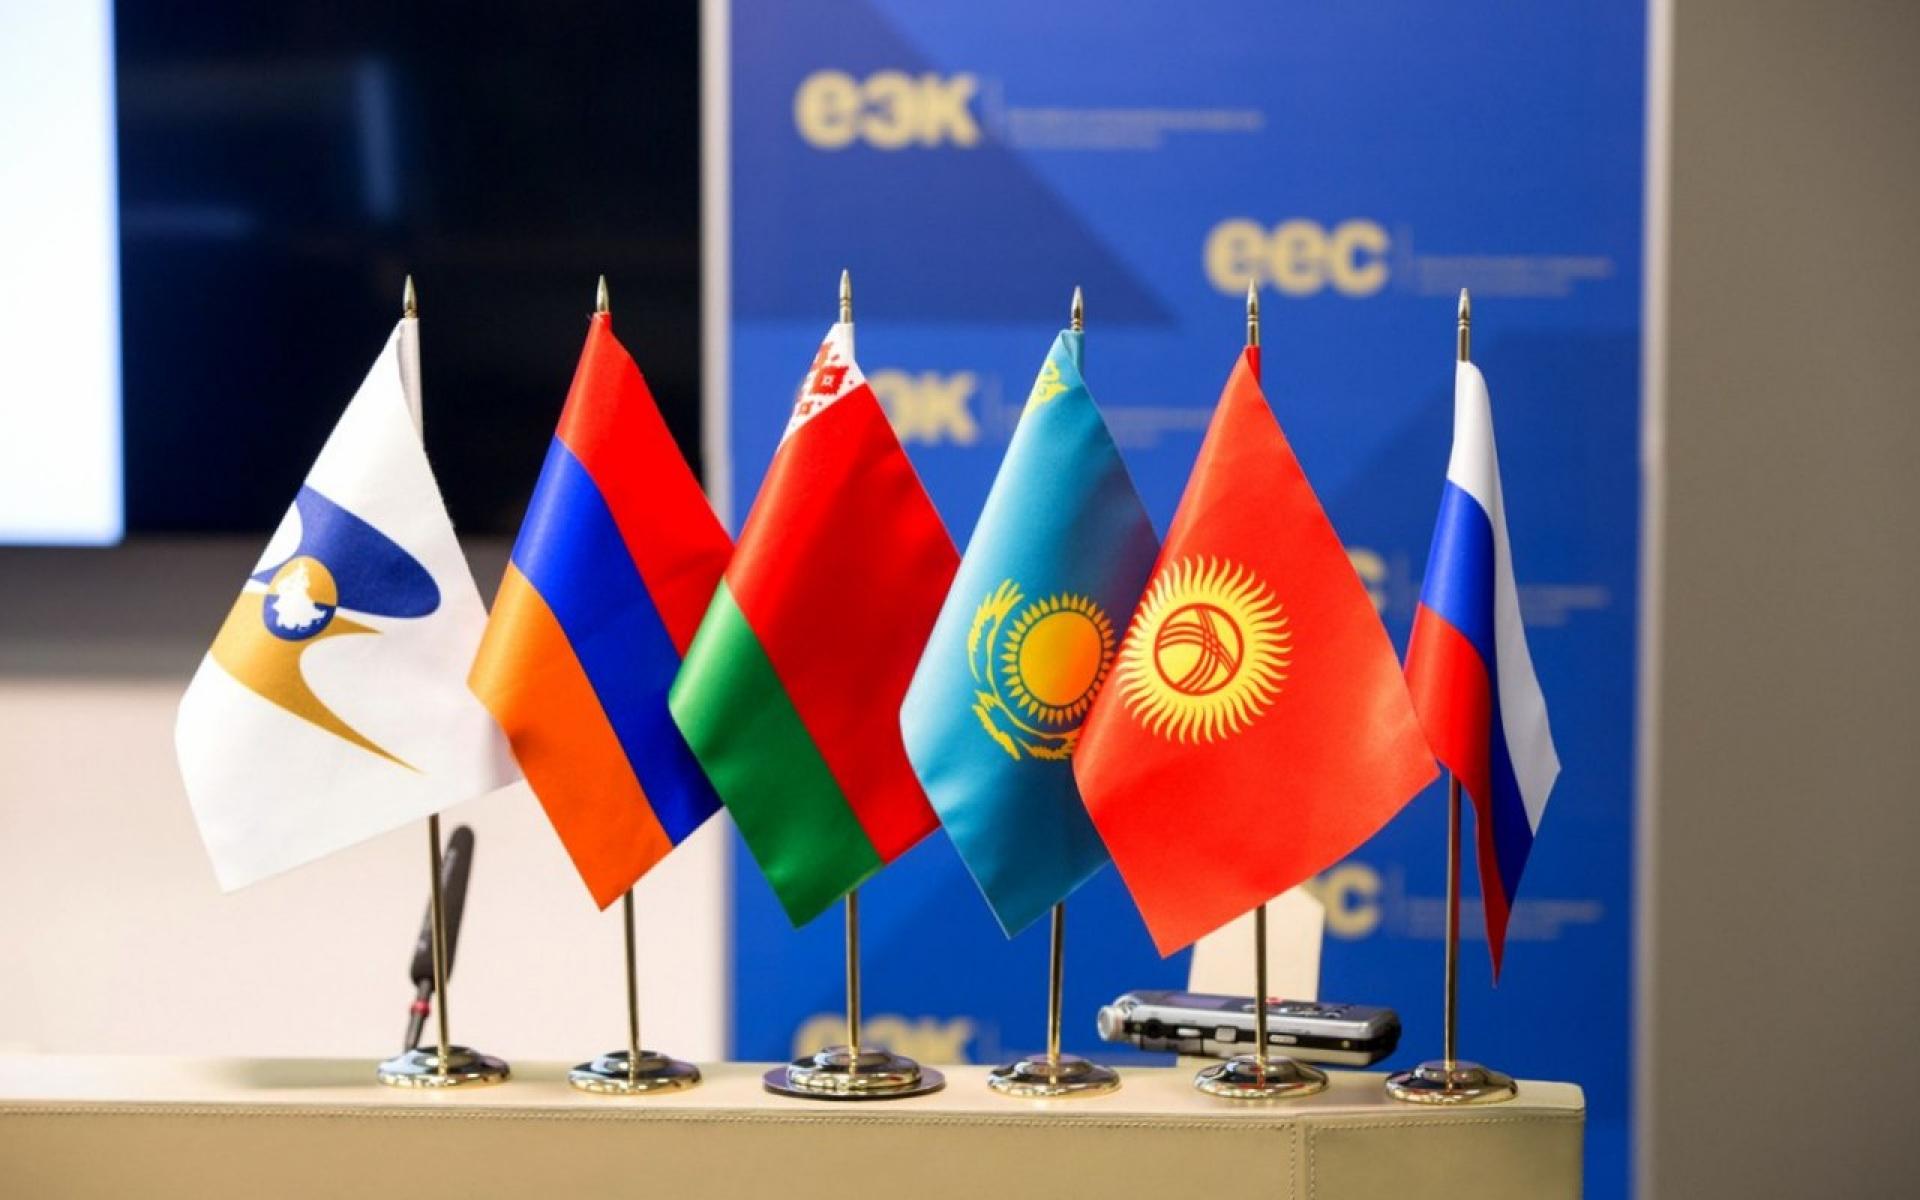 Когда состоится первый раунд переговоров по соглашению о свободной торговле между ЕАЭС и Египтом